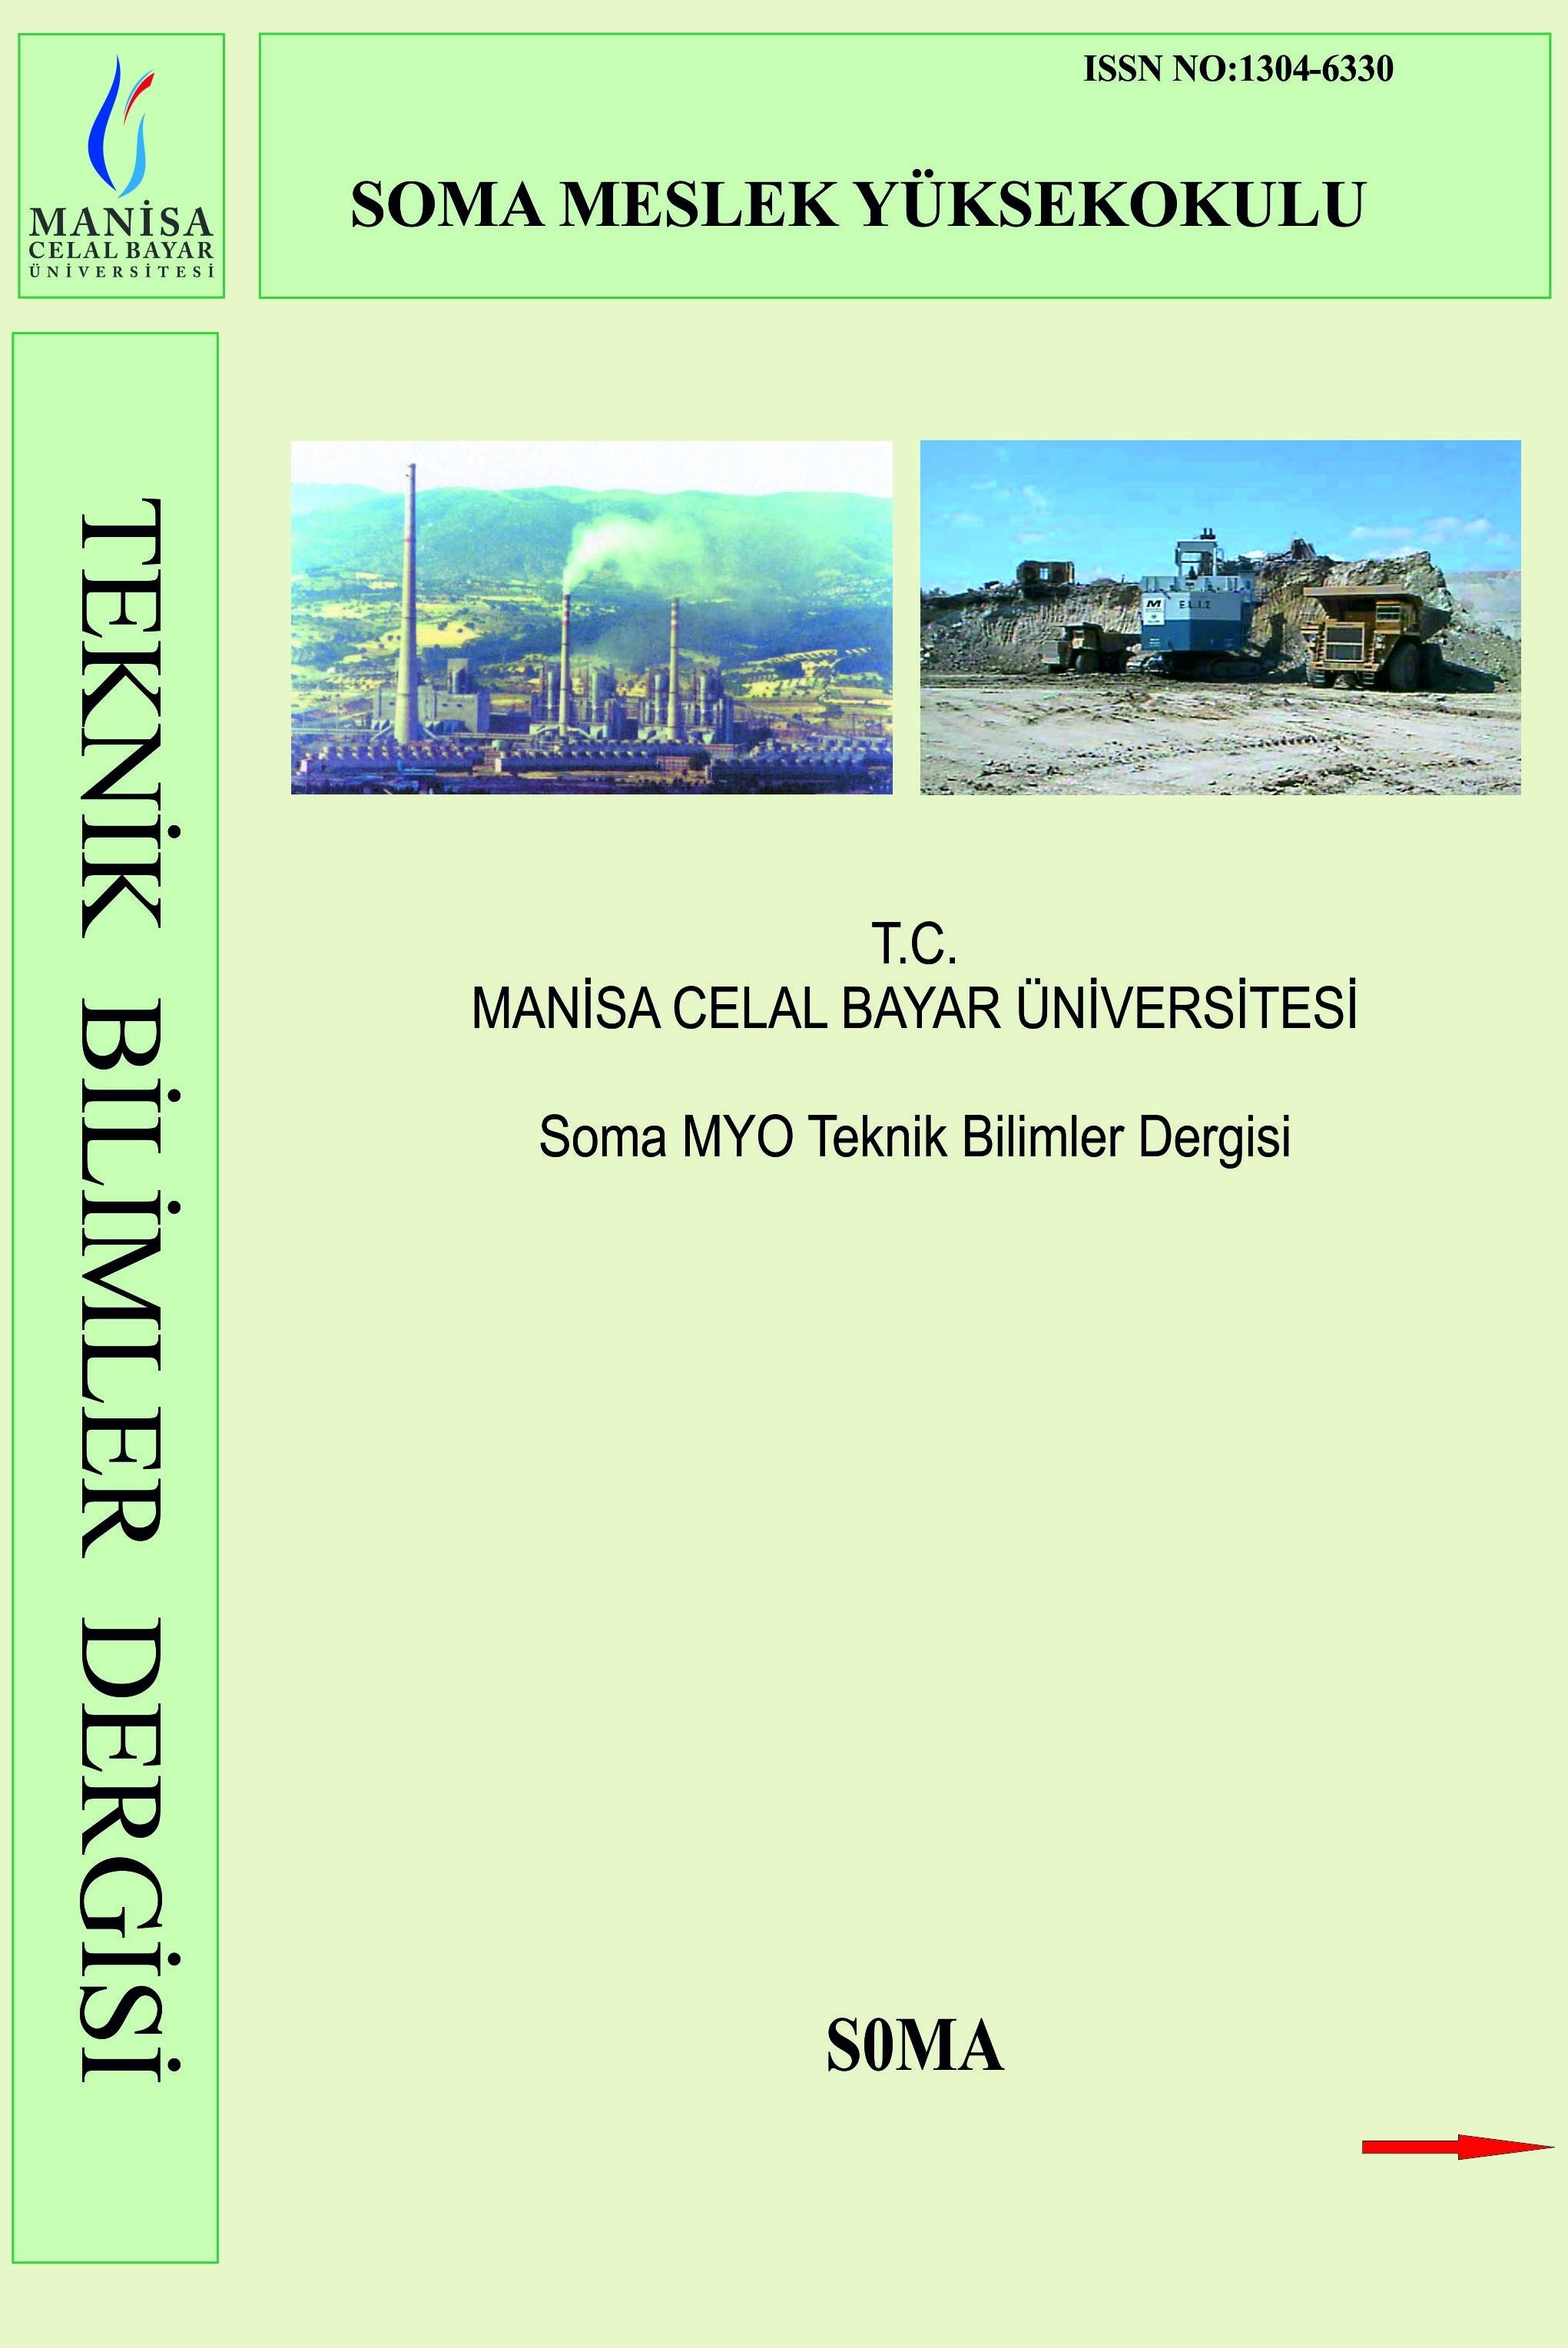 Soma Meslek Yüksekokulu Teknik Bilimler Dergisi